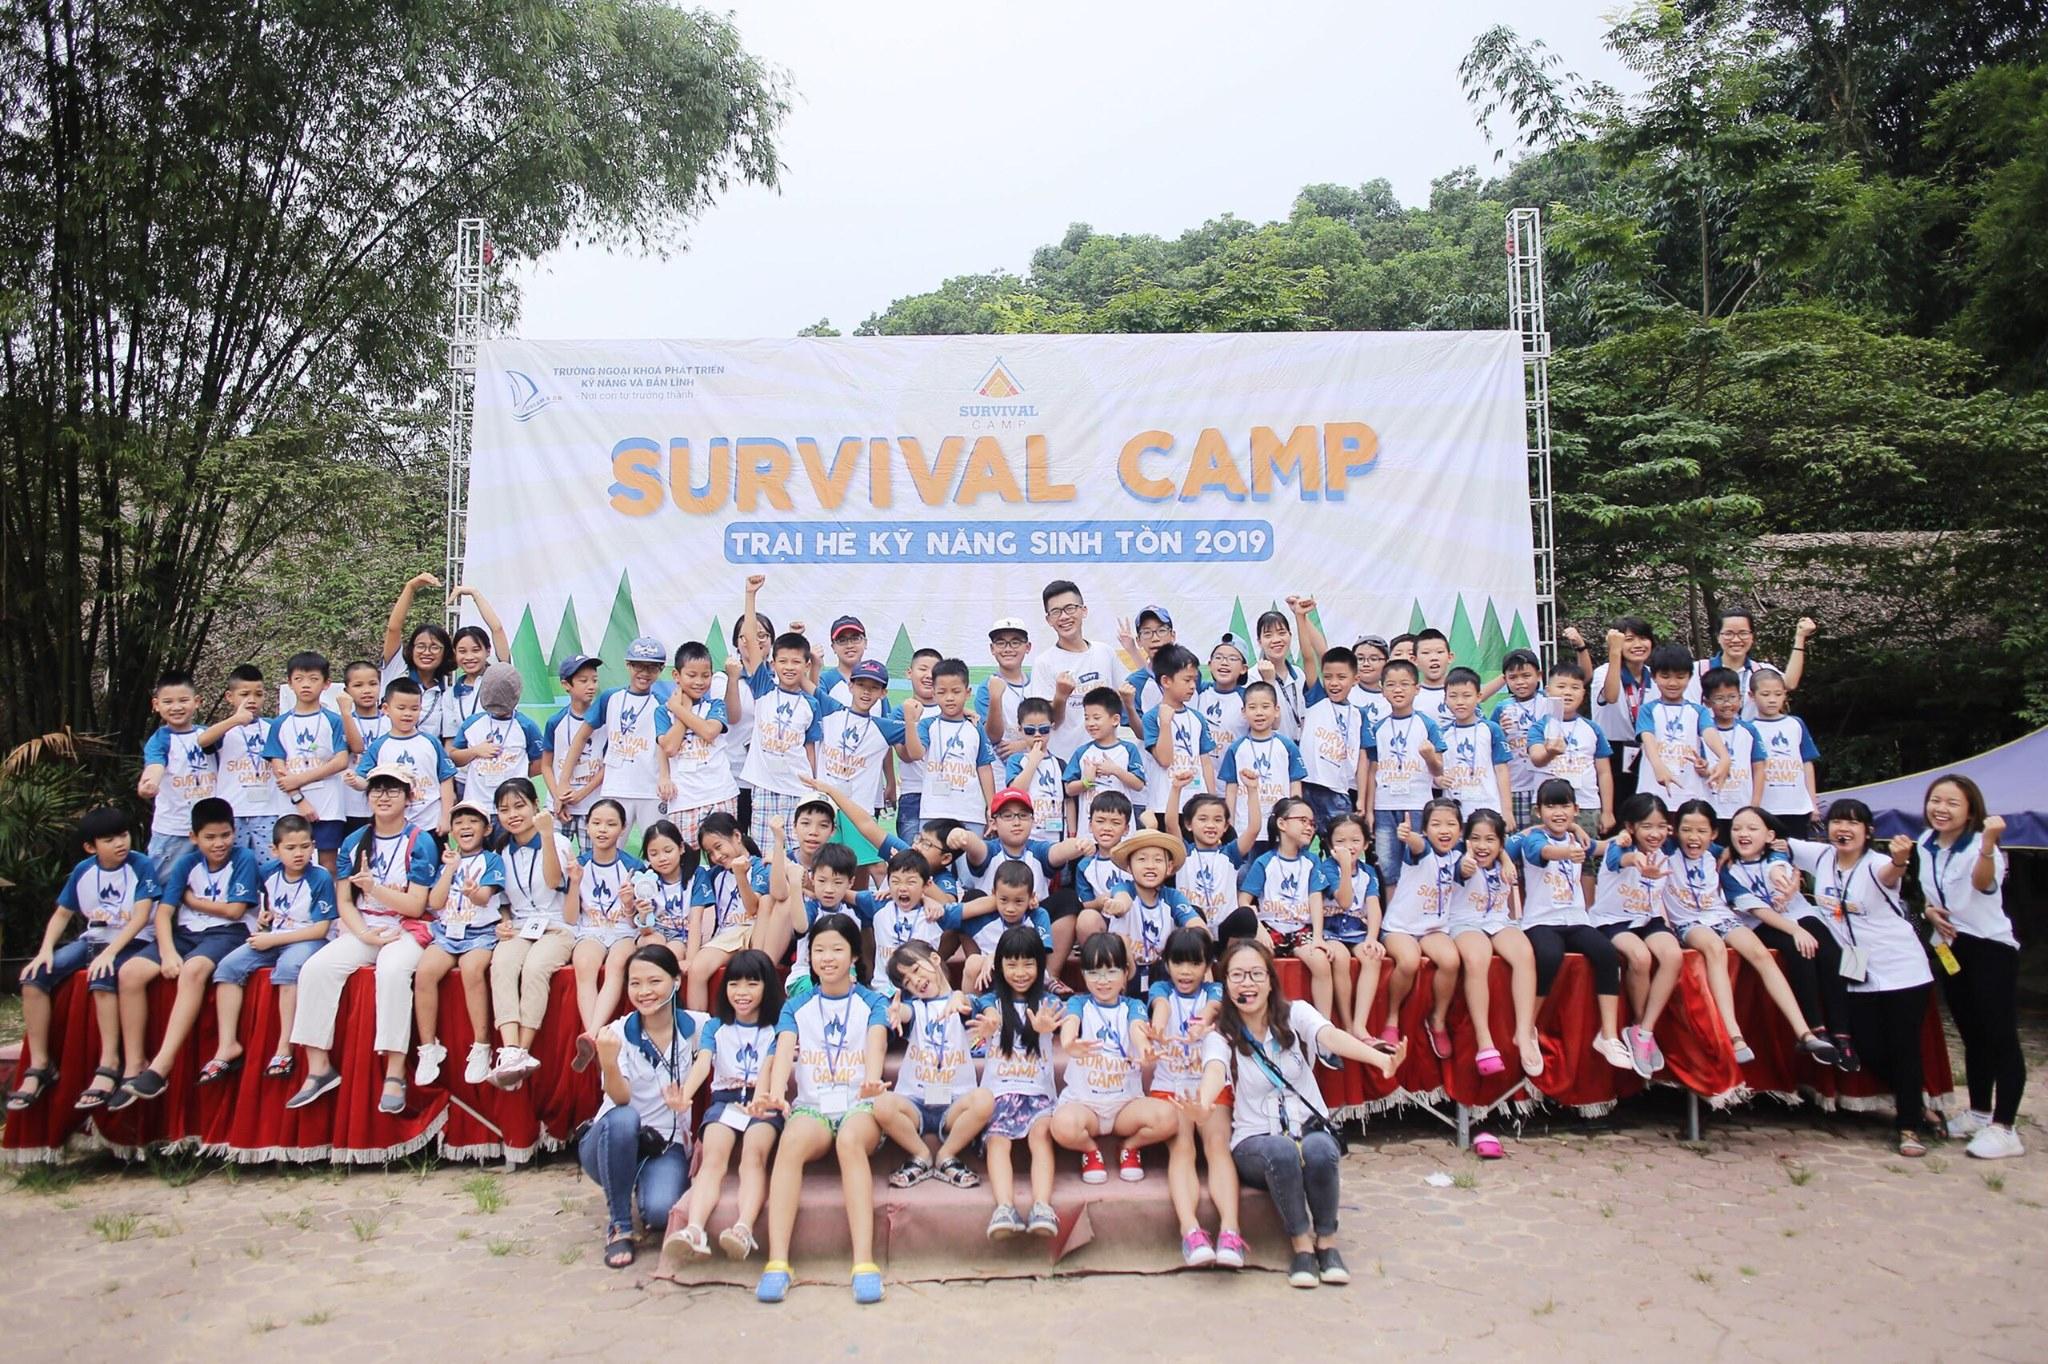 """Survival Camp - Trại hè kỹ năng sinh tồn 2019 """"Tự lập để bứt phá"""""""